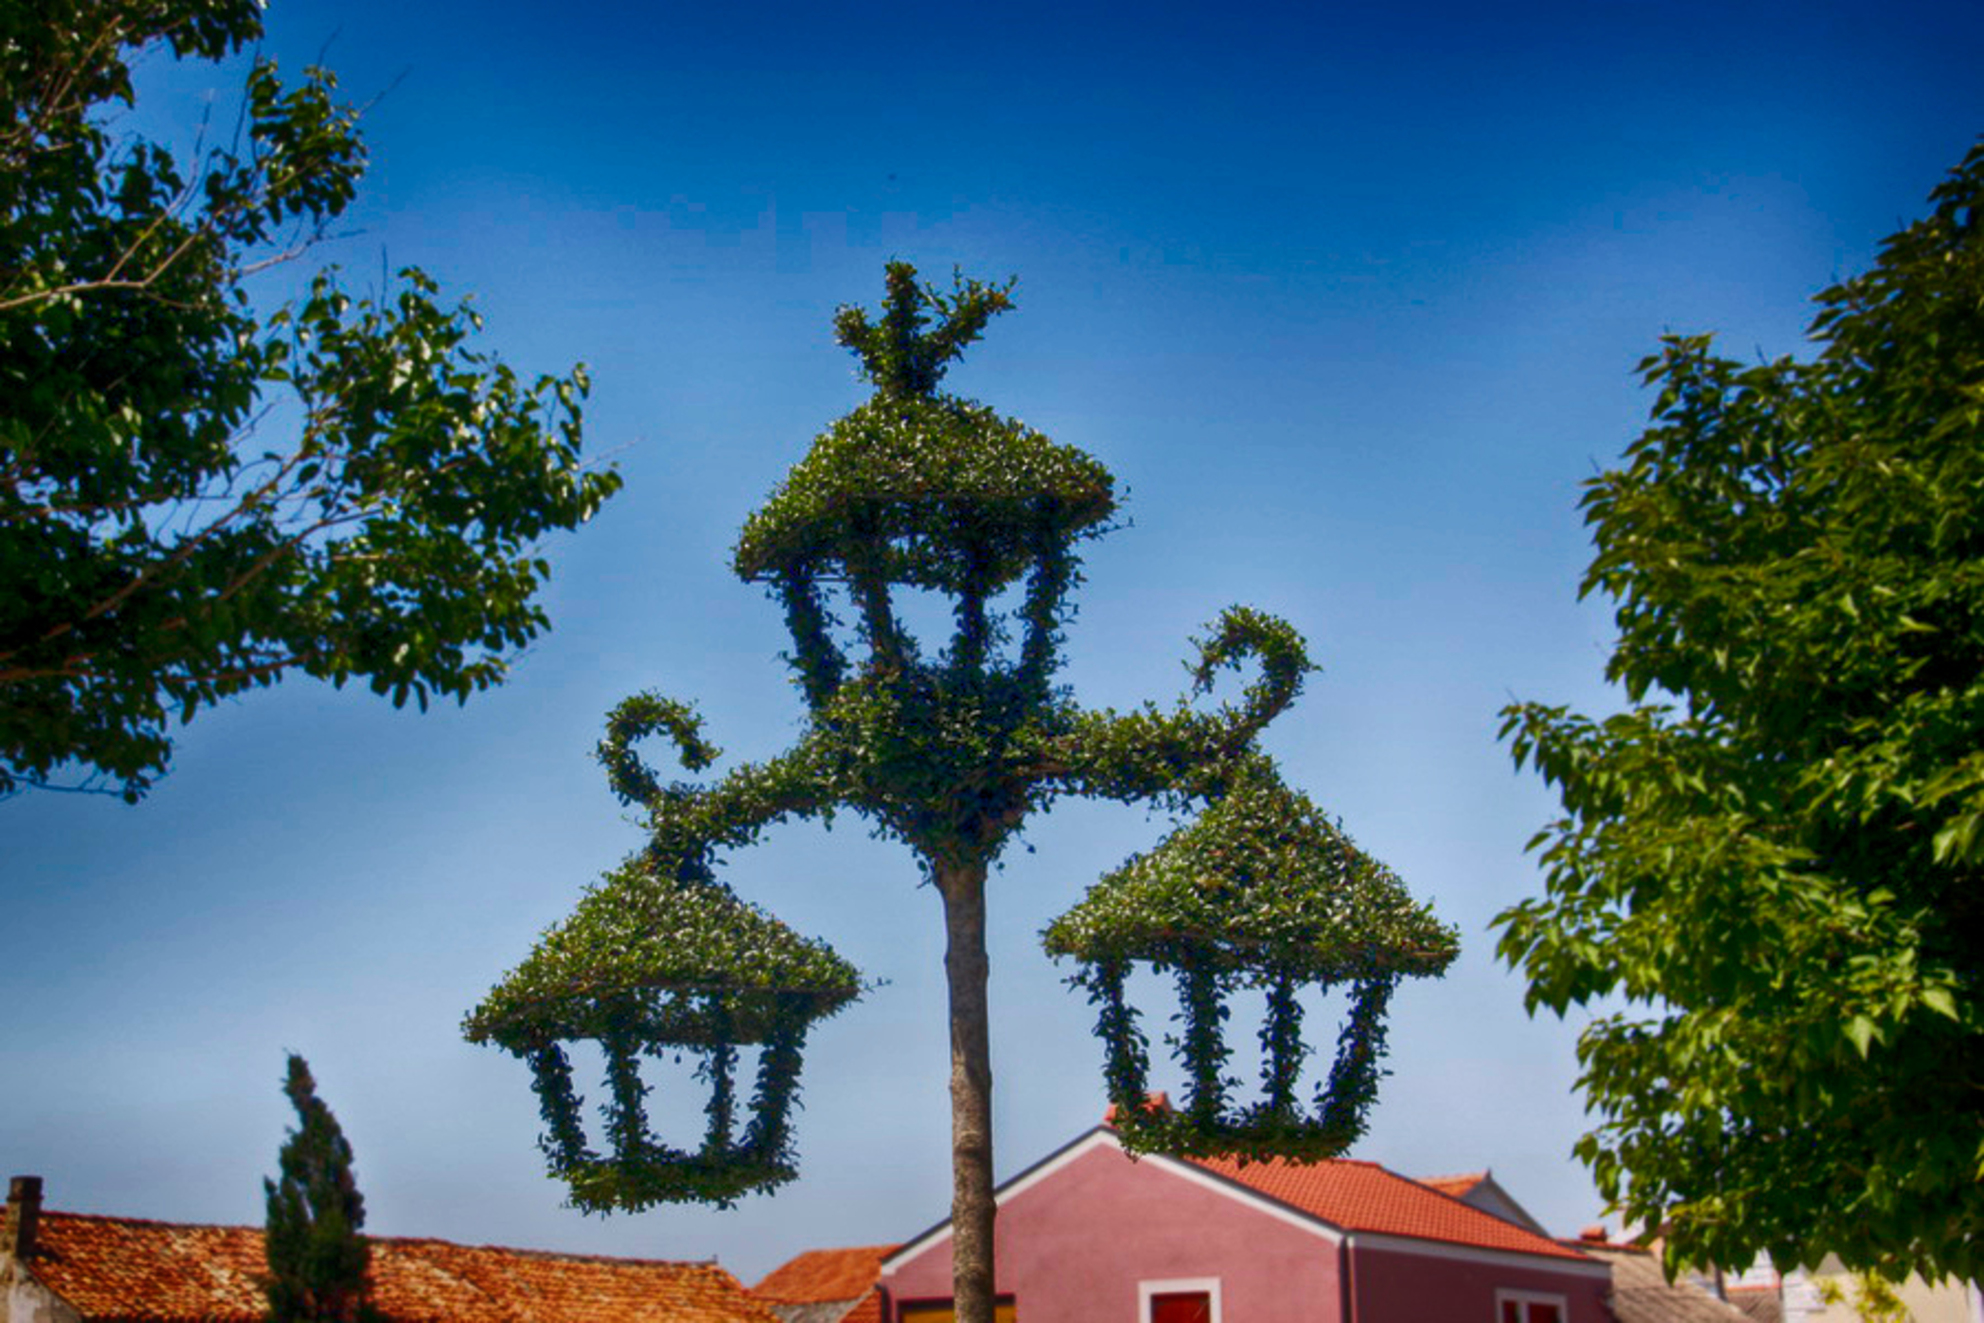 Lantaarn - Leuk grapje dacht ik. Lantaarns die begroeid lijken met een soort liguster. Dat moest van plastic zijn. Maar nee, het was een natuurlijk product, De  - foto door fotohela op 25-07-2015 - deze foto bevat: lucht, kleur, lantaarn, kroatie, reisfotografie, europa, nin, begroeid